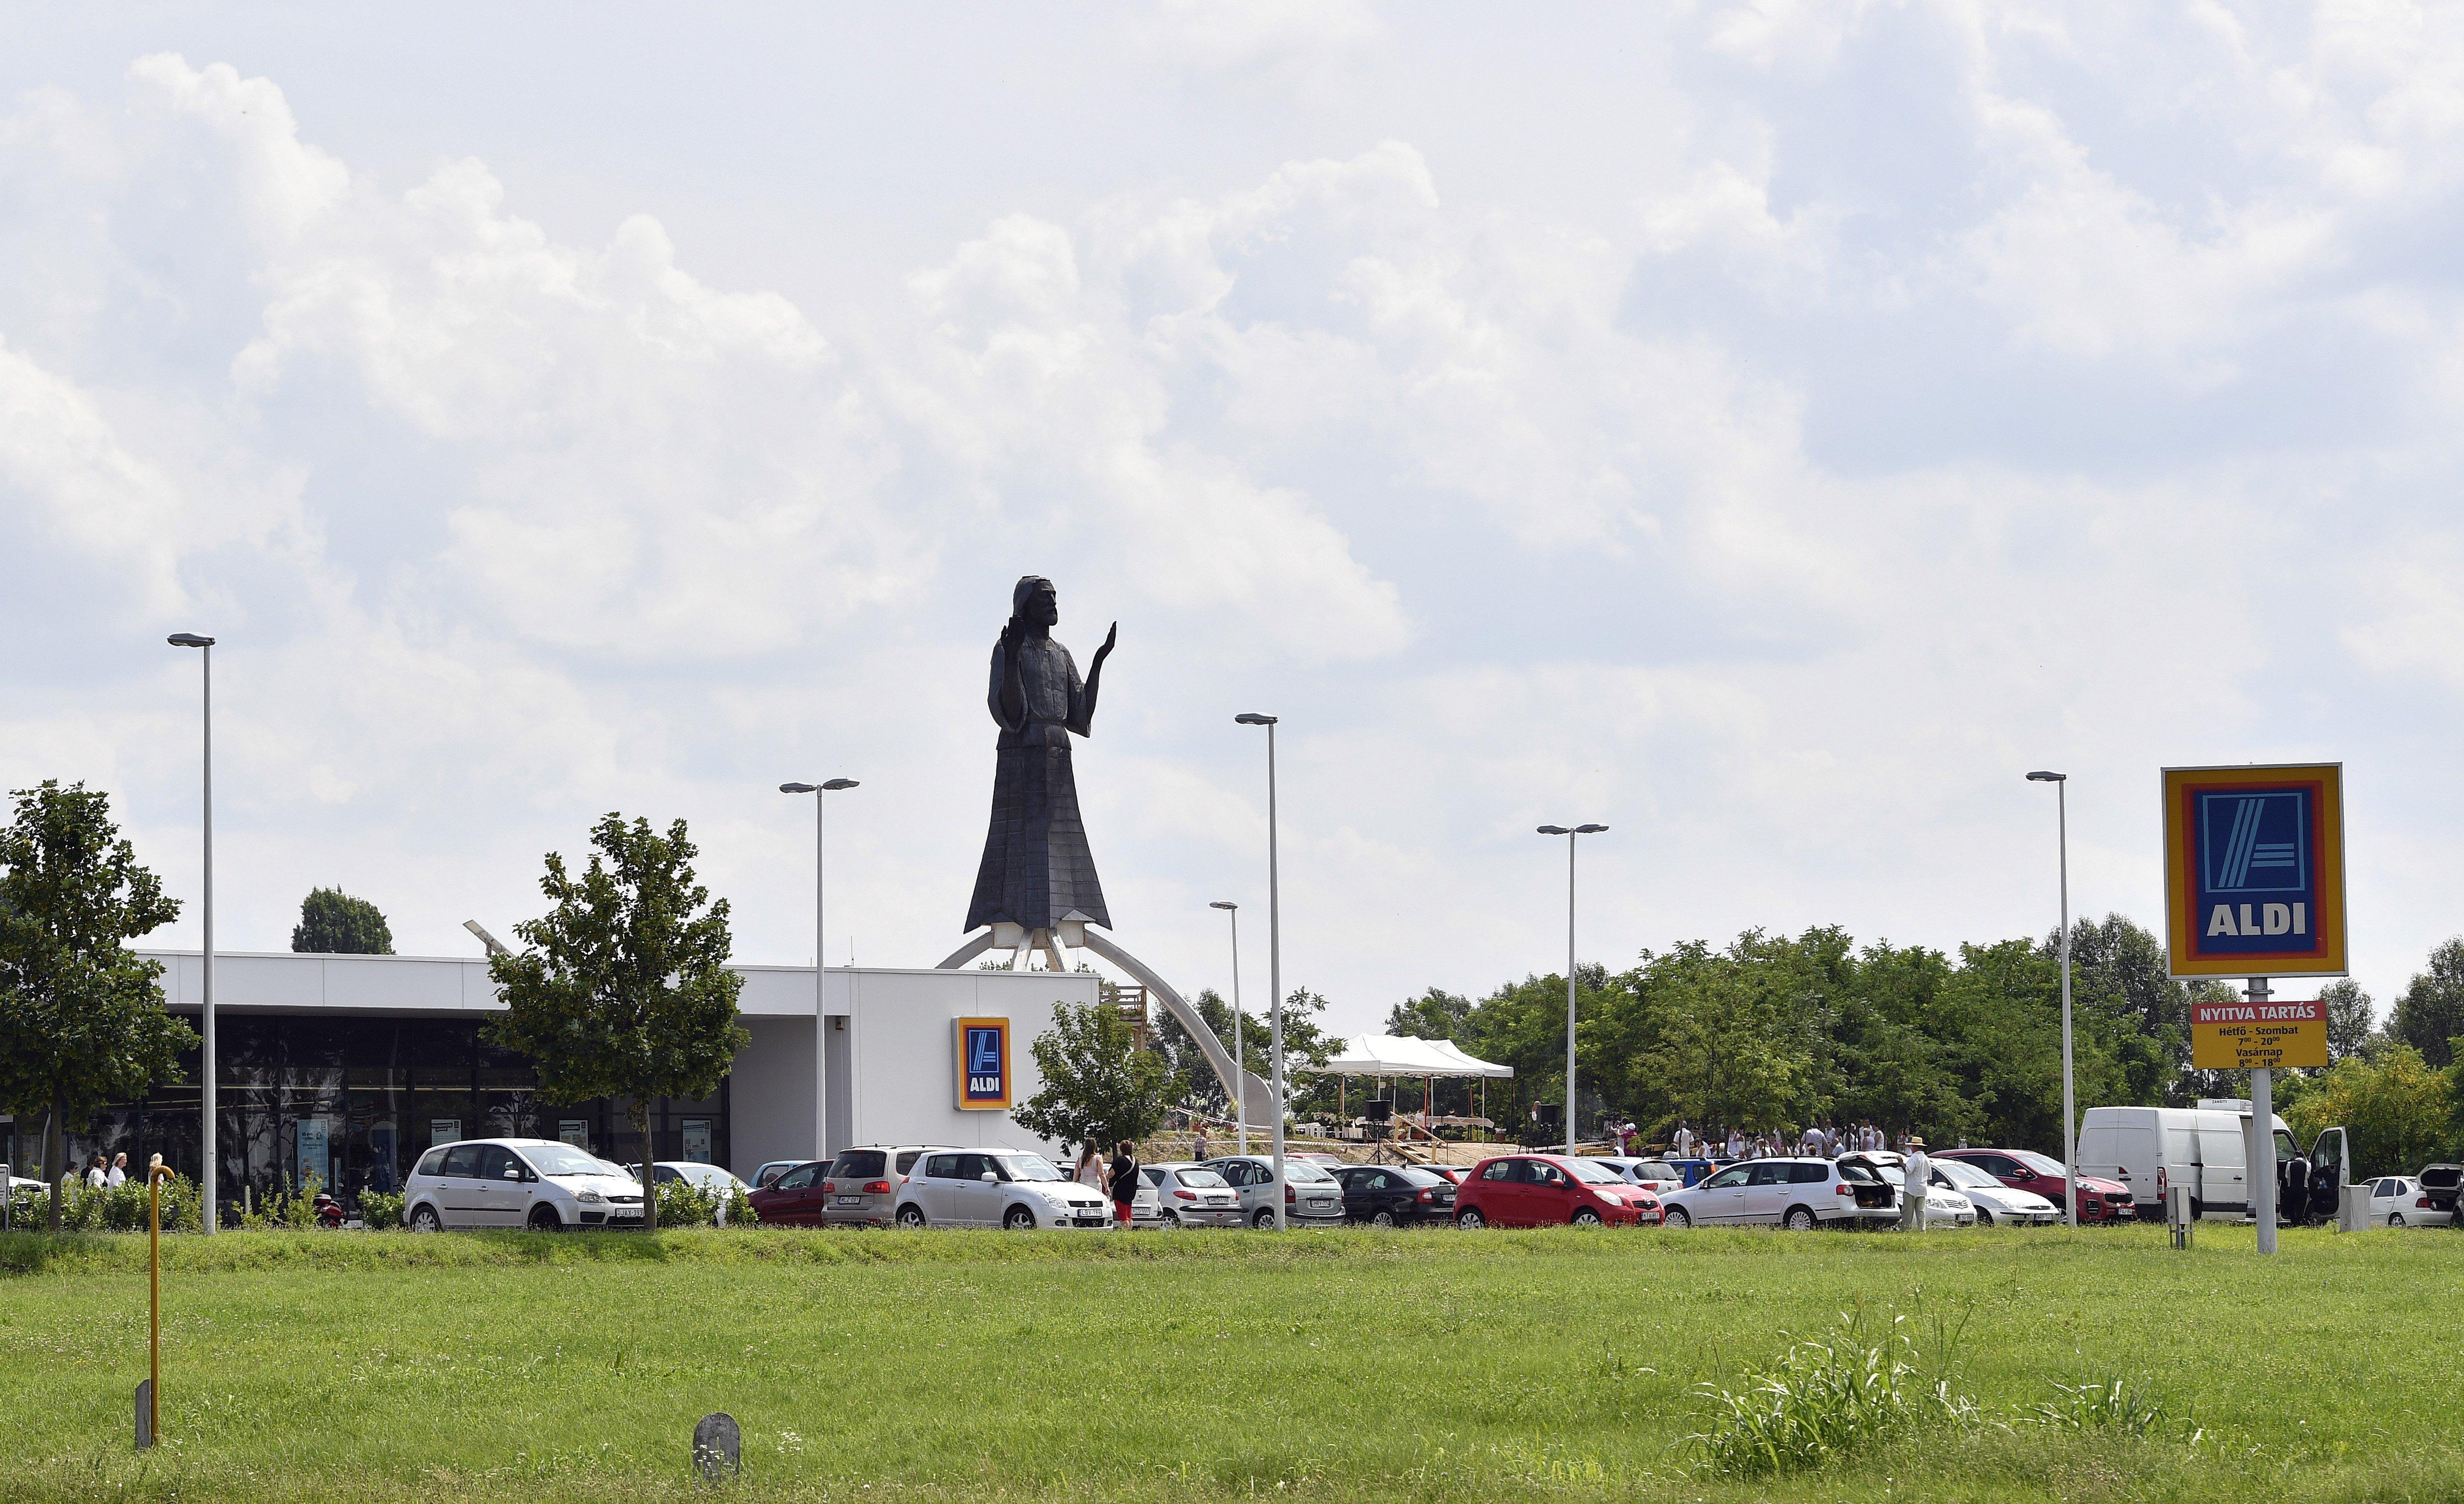 Gigantikus Jézus-szobrot emeltek a dabasi Aldi mellett